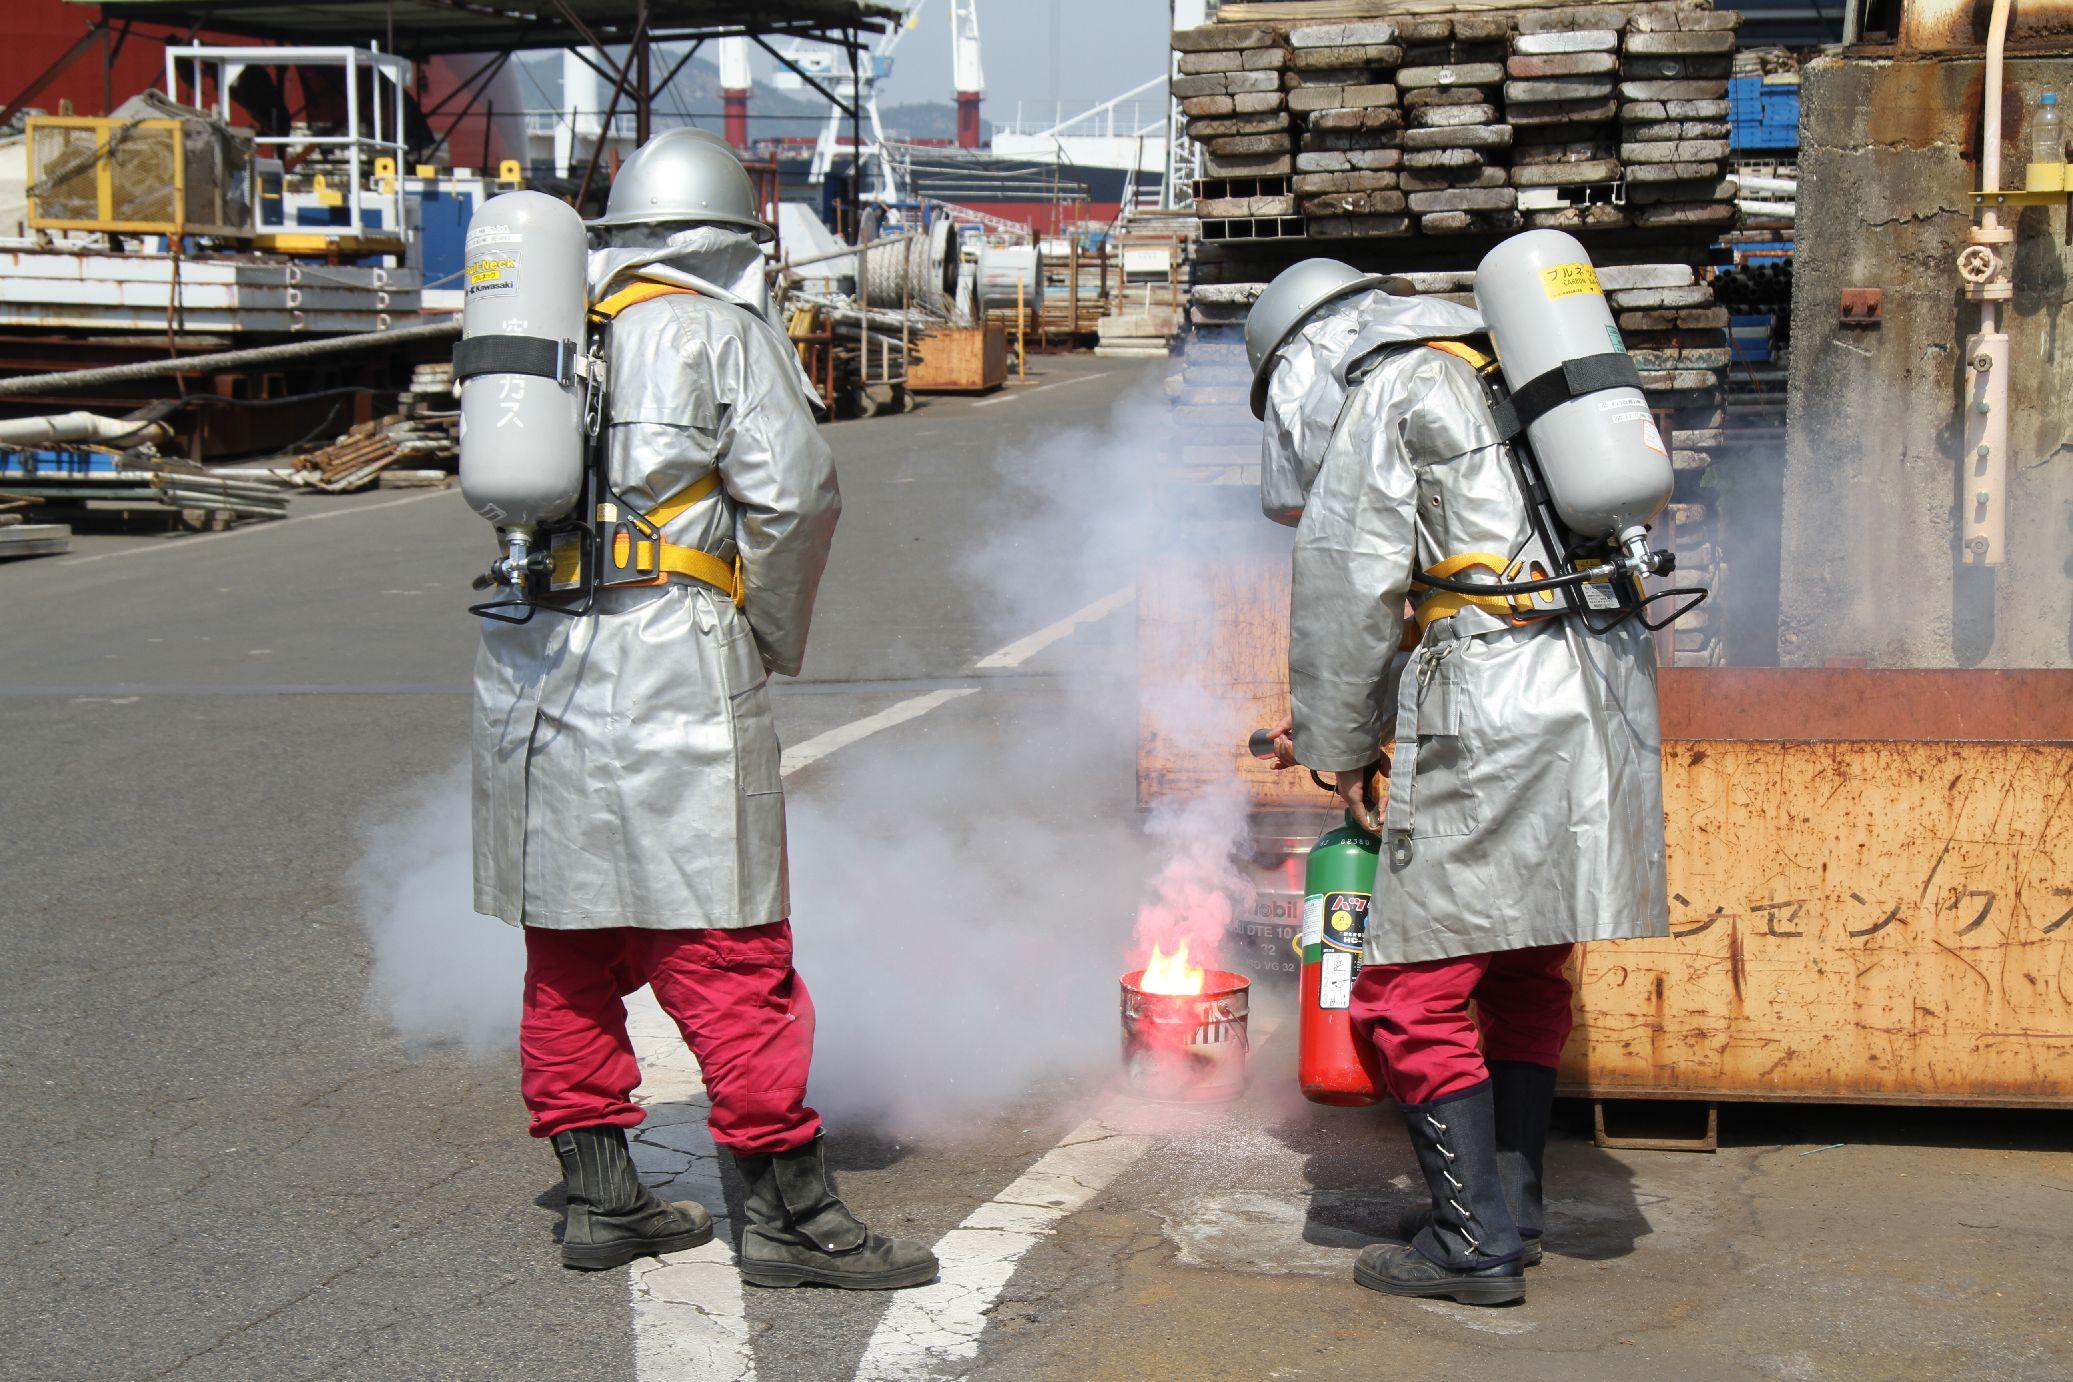 自卫消防队在火灾现场进行初步的灭火活动